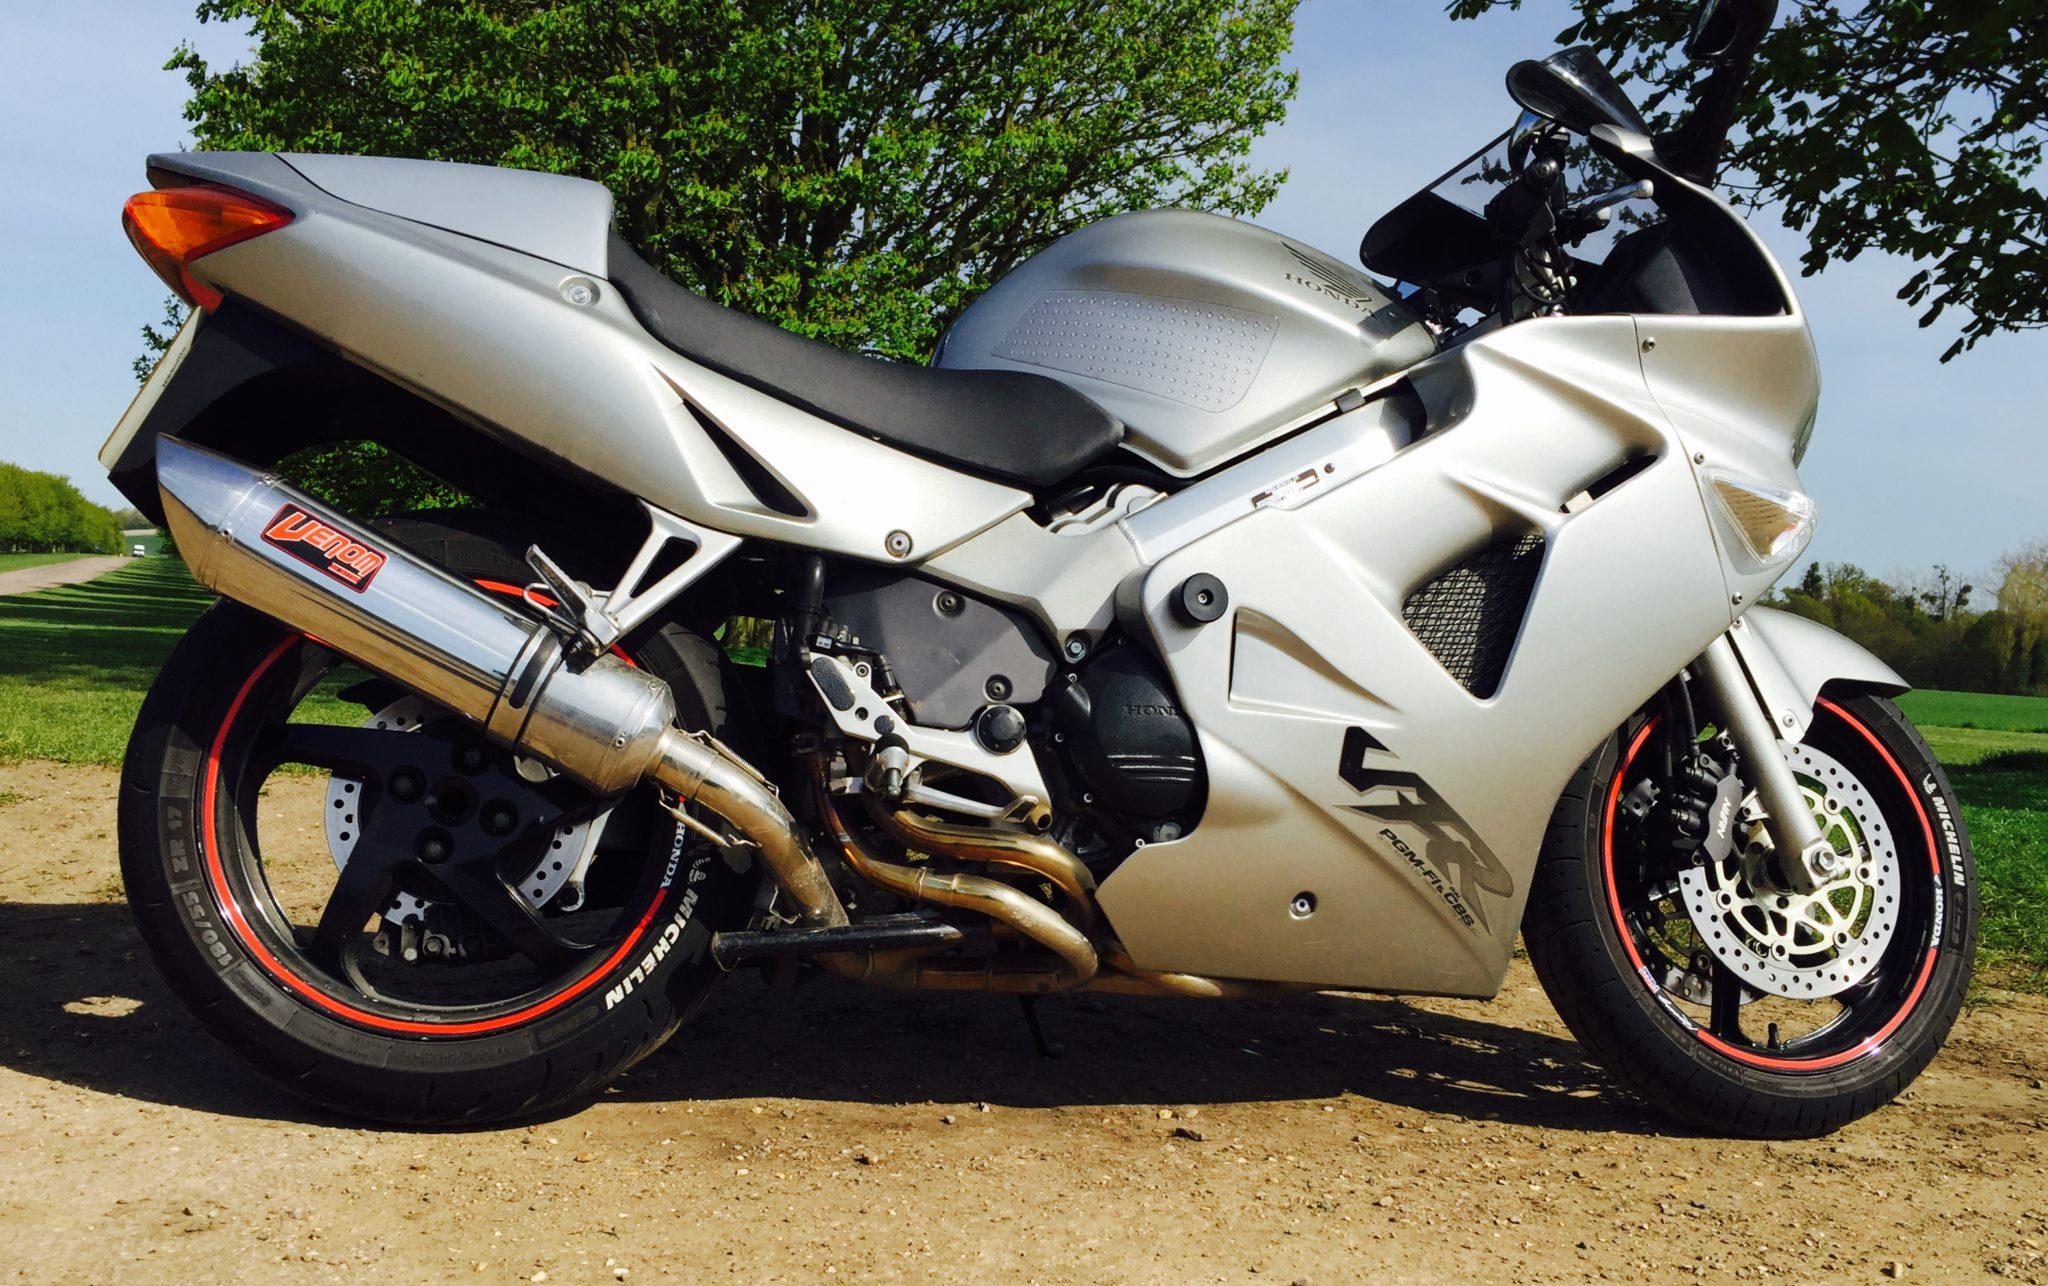 Al may – Honda VFR800